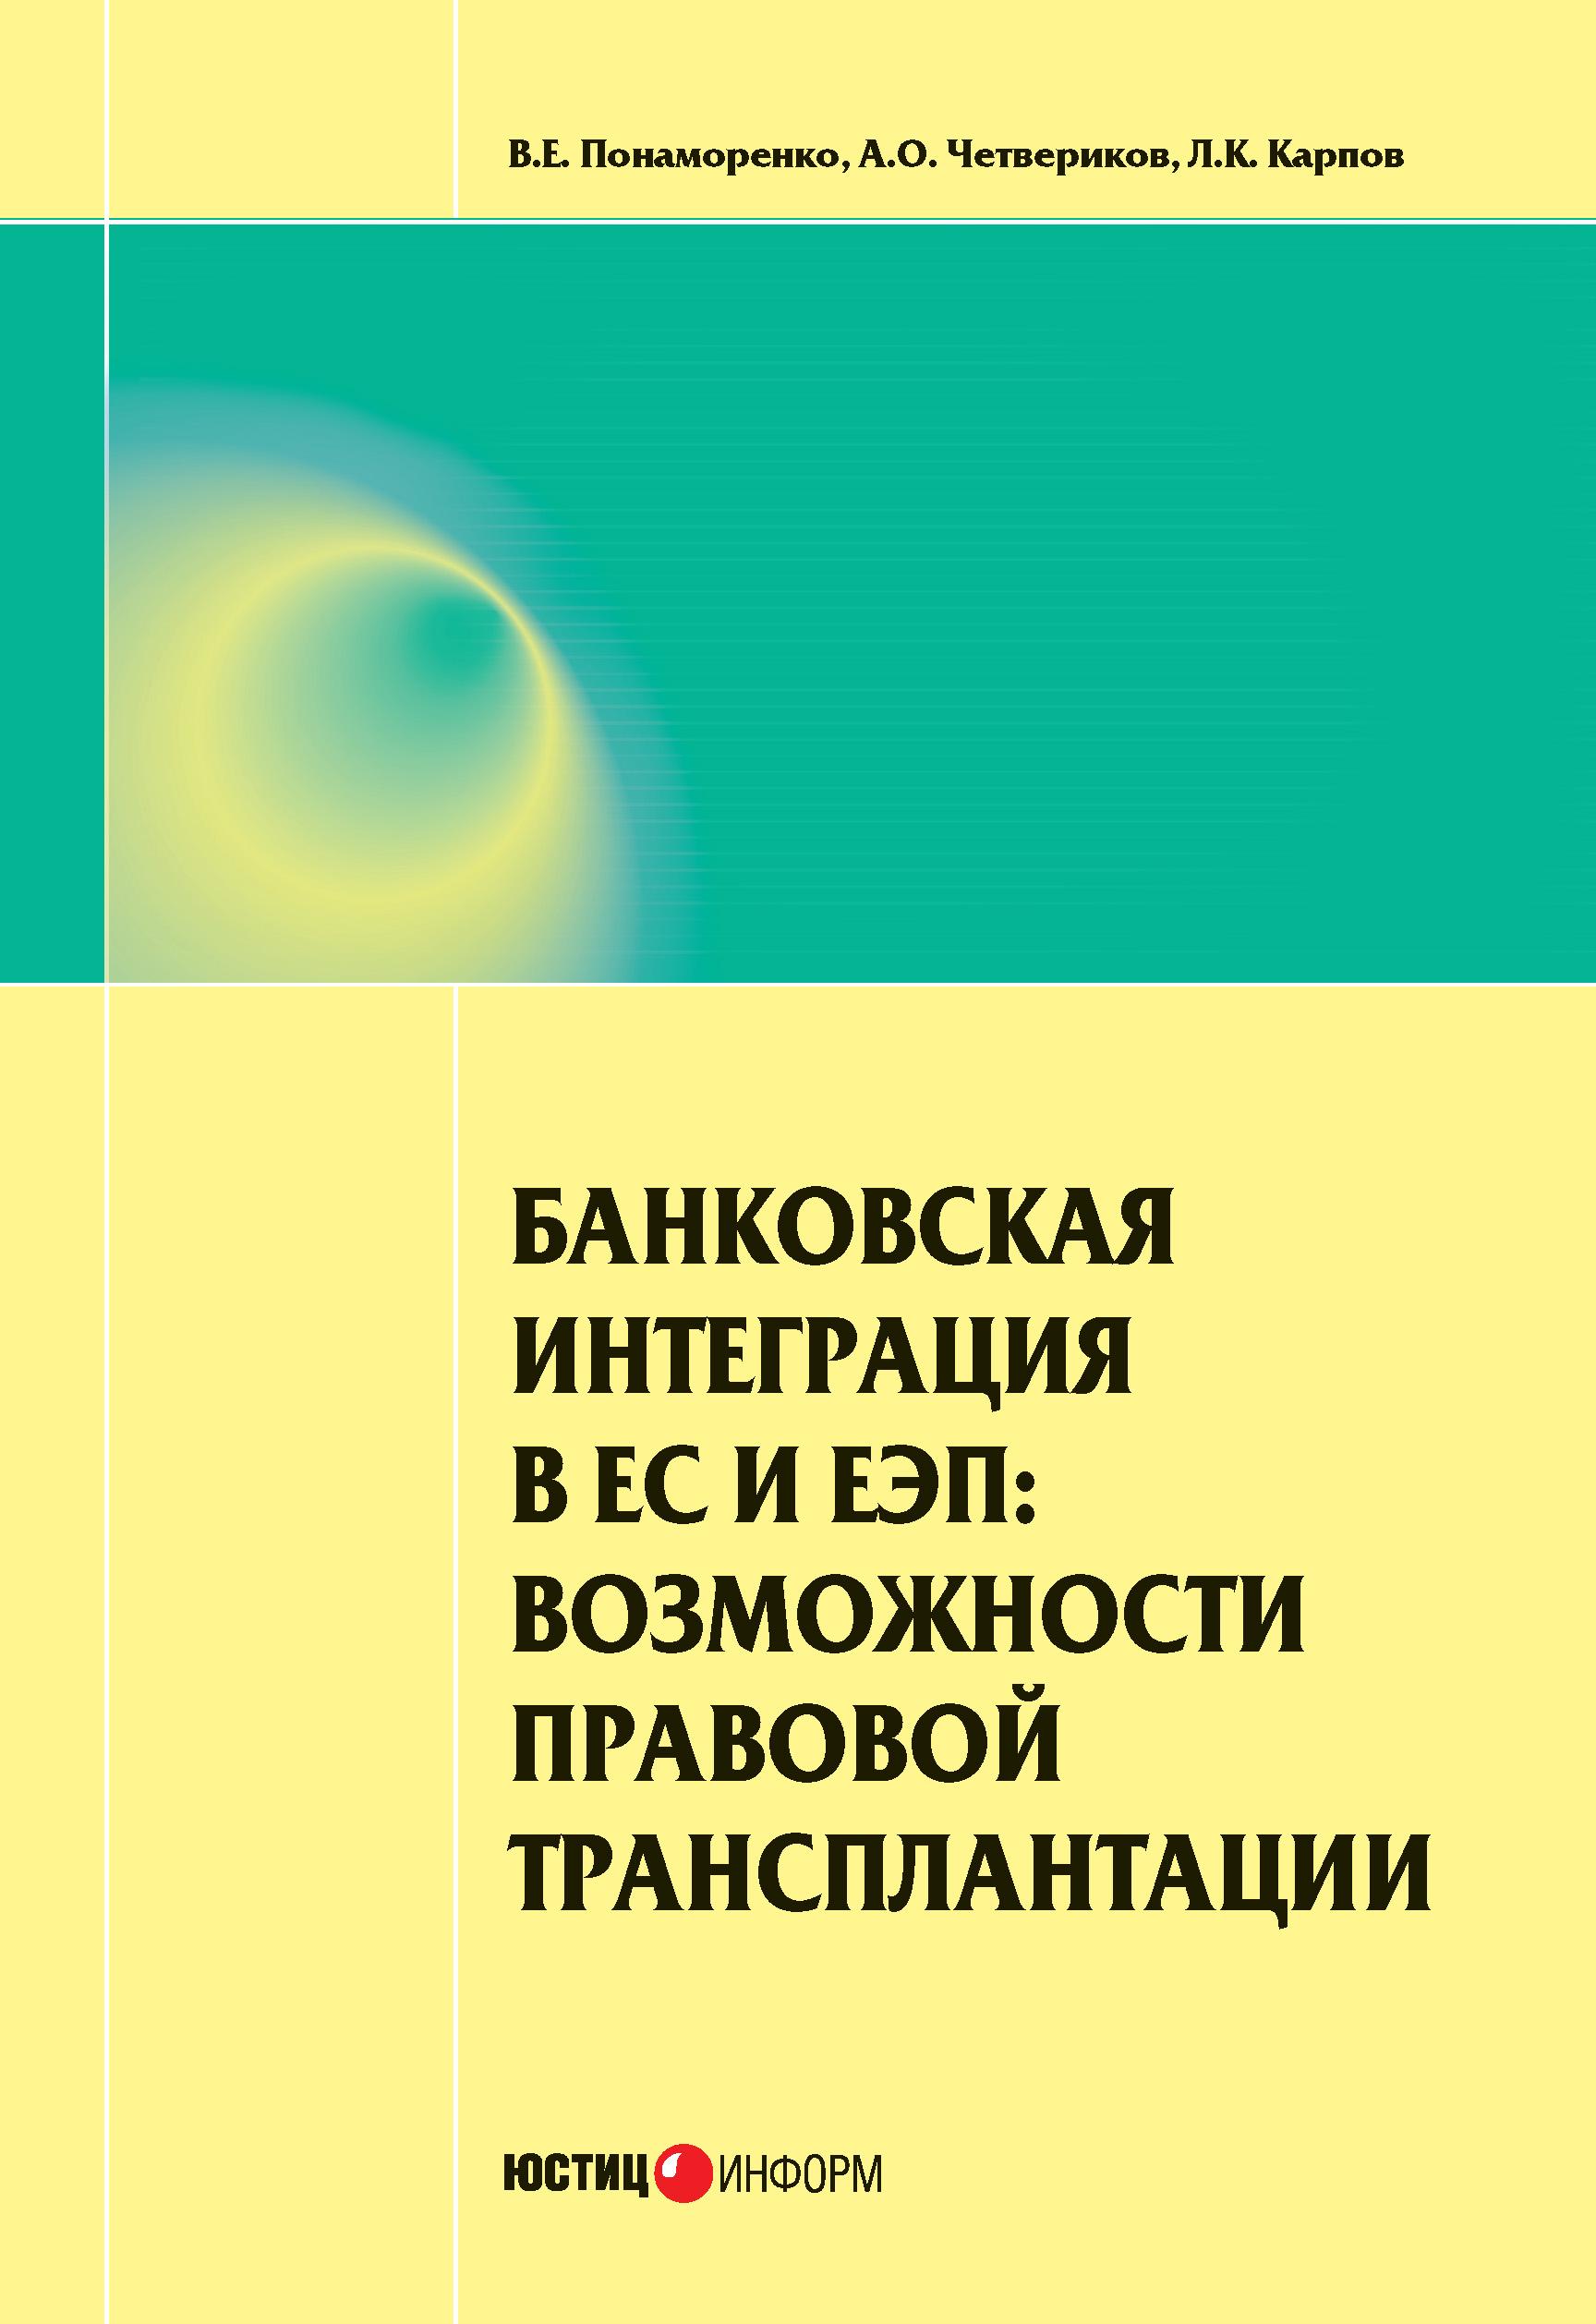 Обложка книги. Автор - Артем Четвериков